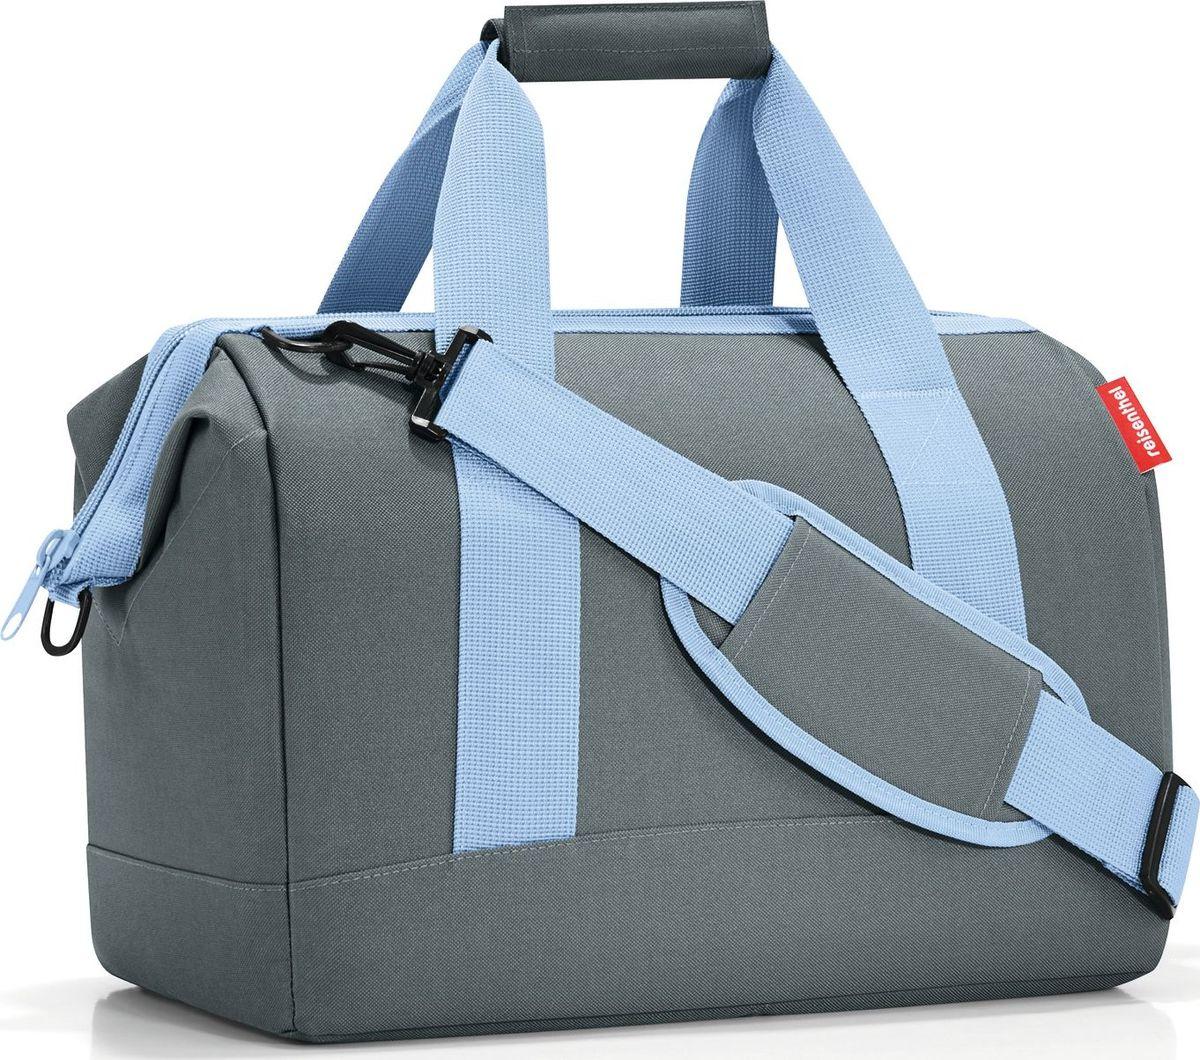 Сумка женская Reisenthel, цвет: серый. MS7043MS7043Практичная сумка для спорта и путешествий. Приятные объемные стенки и дно создают силуэт, напоминающий старинные врачебные сумки. Встроенные металлические скобы фиксируют сумку в открытом положении. Вы сможете легко доставать и складывать вещи внутрь, а также быстро находить нужную вам вещь.6 внутренних карманов позволяют удобно организовать пространство и сортировать предметы. Две ручки для переноски и ремень регулируемой длины позволяют носить сумку так, как вам удобно. Объем – 18 литров. Материал – высококачественный полиэстер. Он не намокает, легко чистится и прекрасно выглядит. Сумка прослужит вам действительно долго и будет радовать своим удобством.